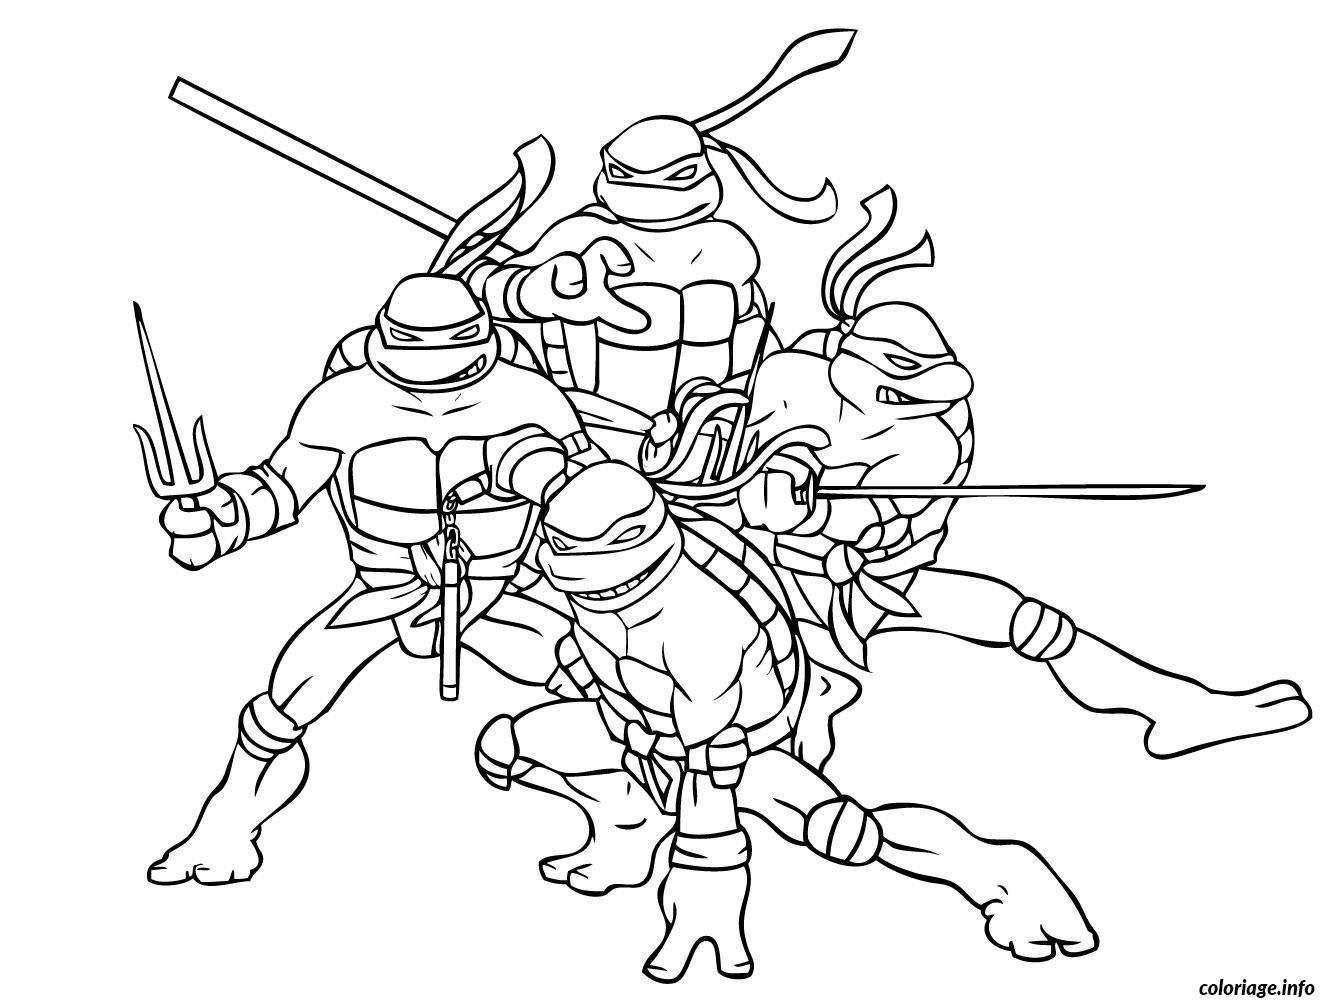 Coloriage tortue ninja 6 Dessin à Imprimer | bricolage déco | Pinterest